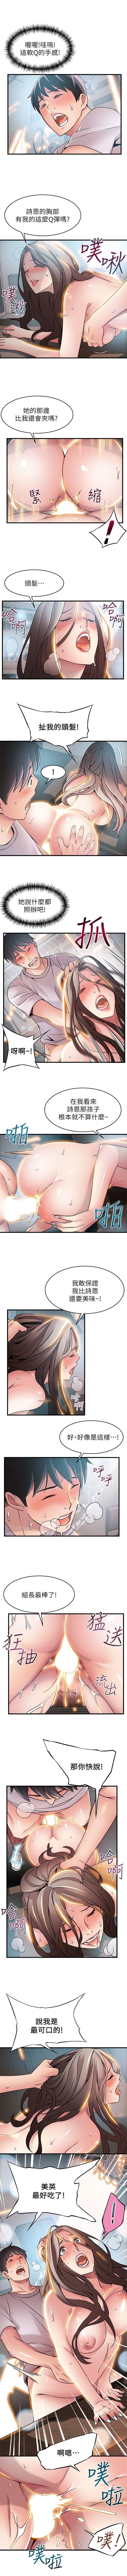 (周7)弱点 1-66 中文翻译(更新中) 160